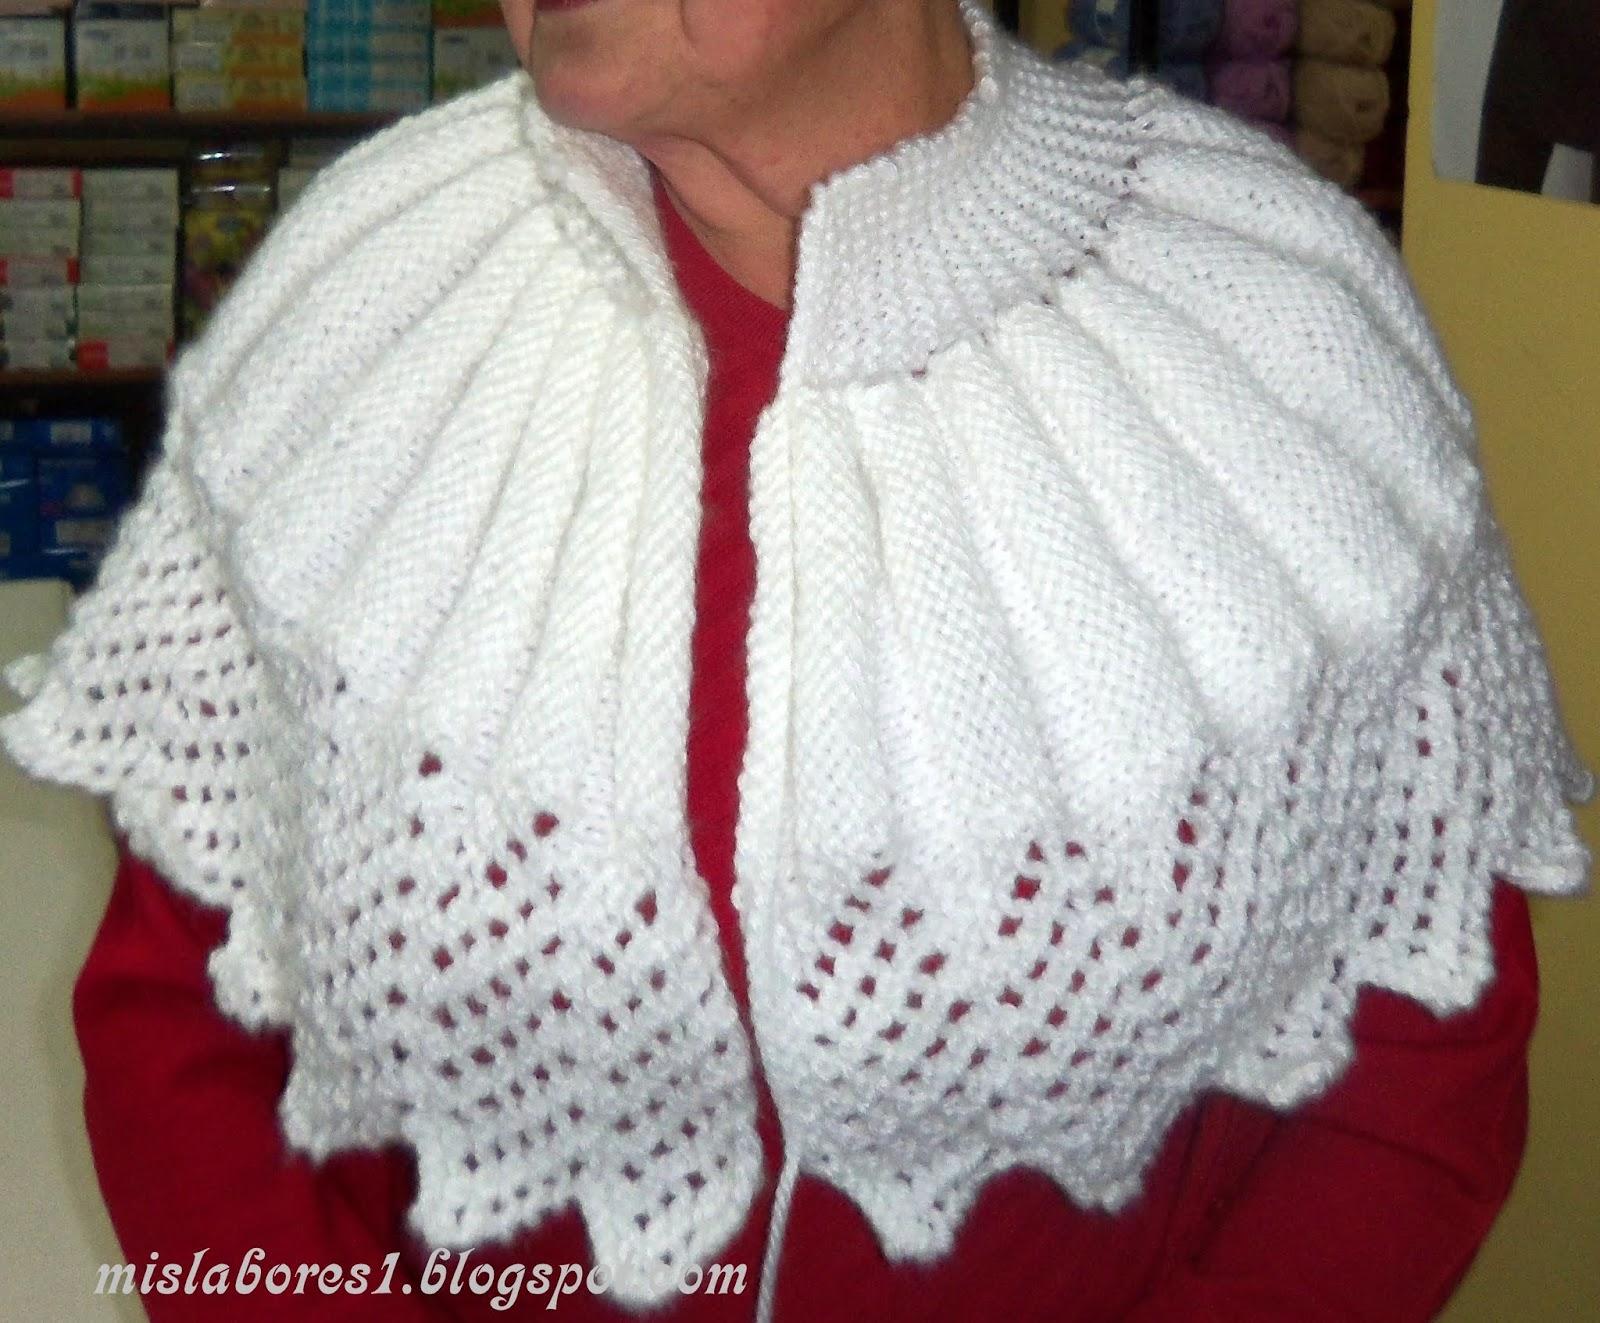 Mis labores capita de punto - Labores de punto de lana ...